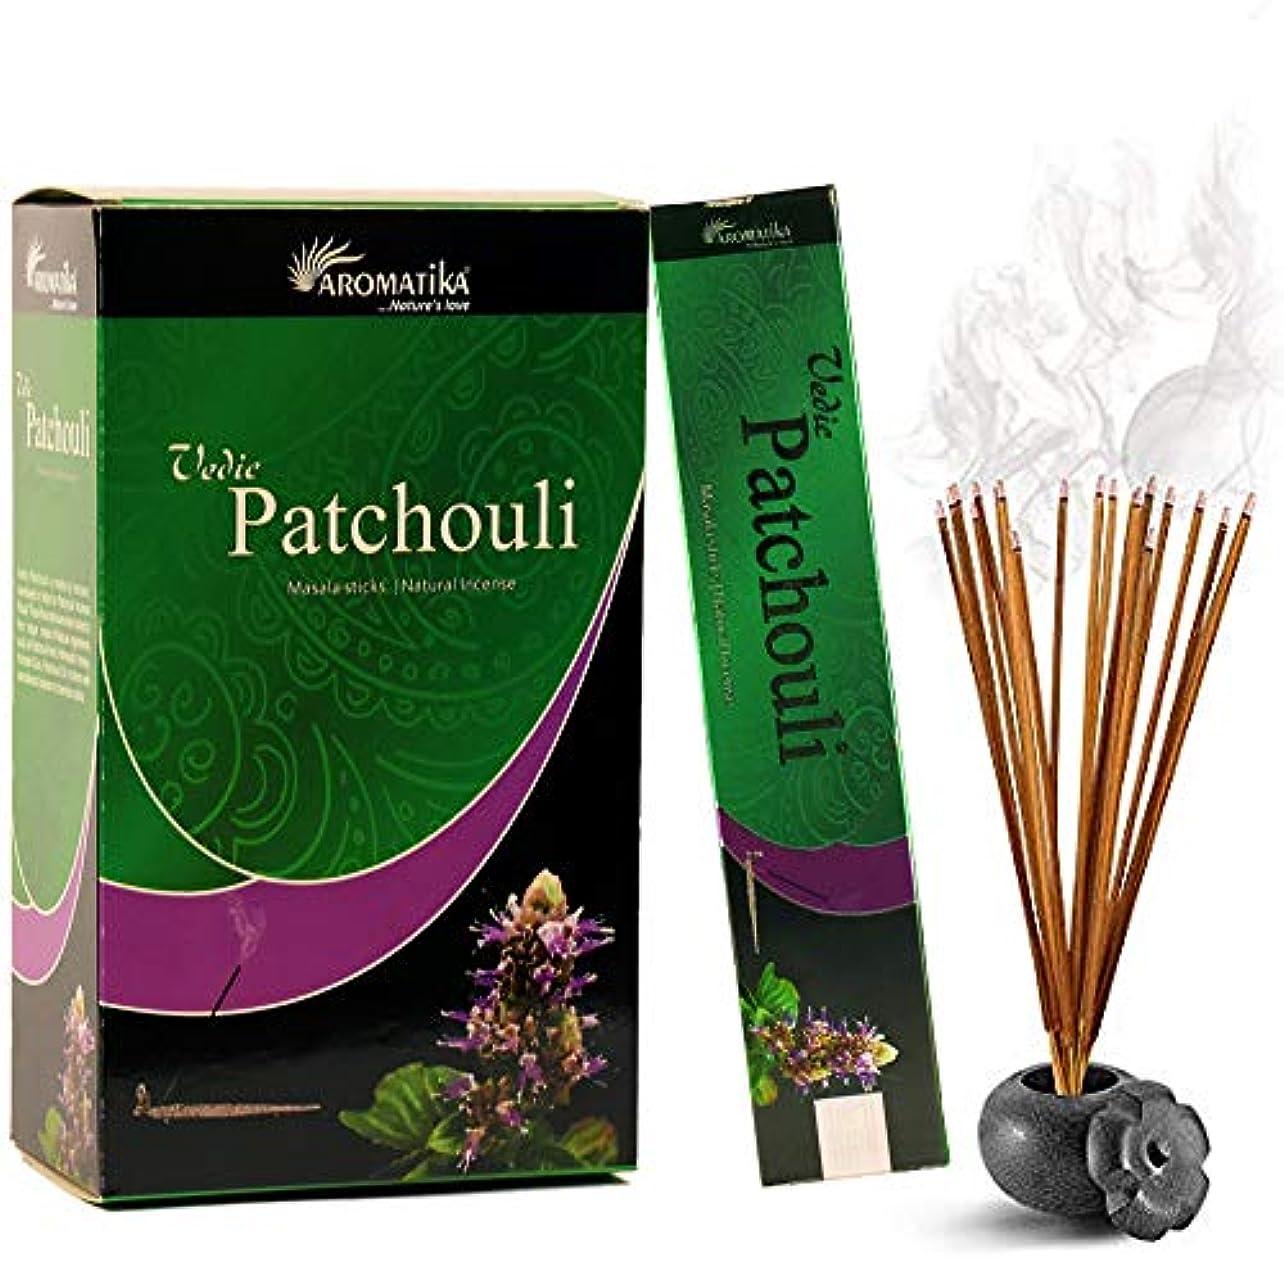 一般化する胃乱暴なaromatika Vedic Patchouli自然Masala Incense Sticks inパックof 12